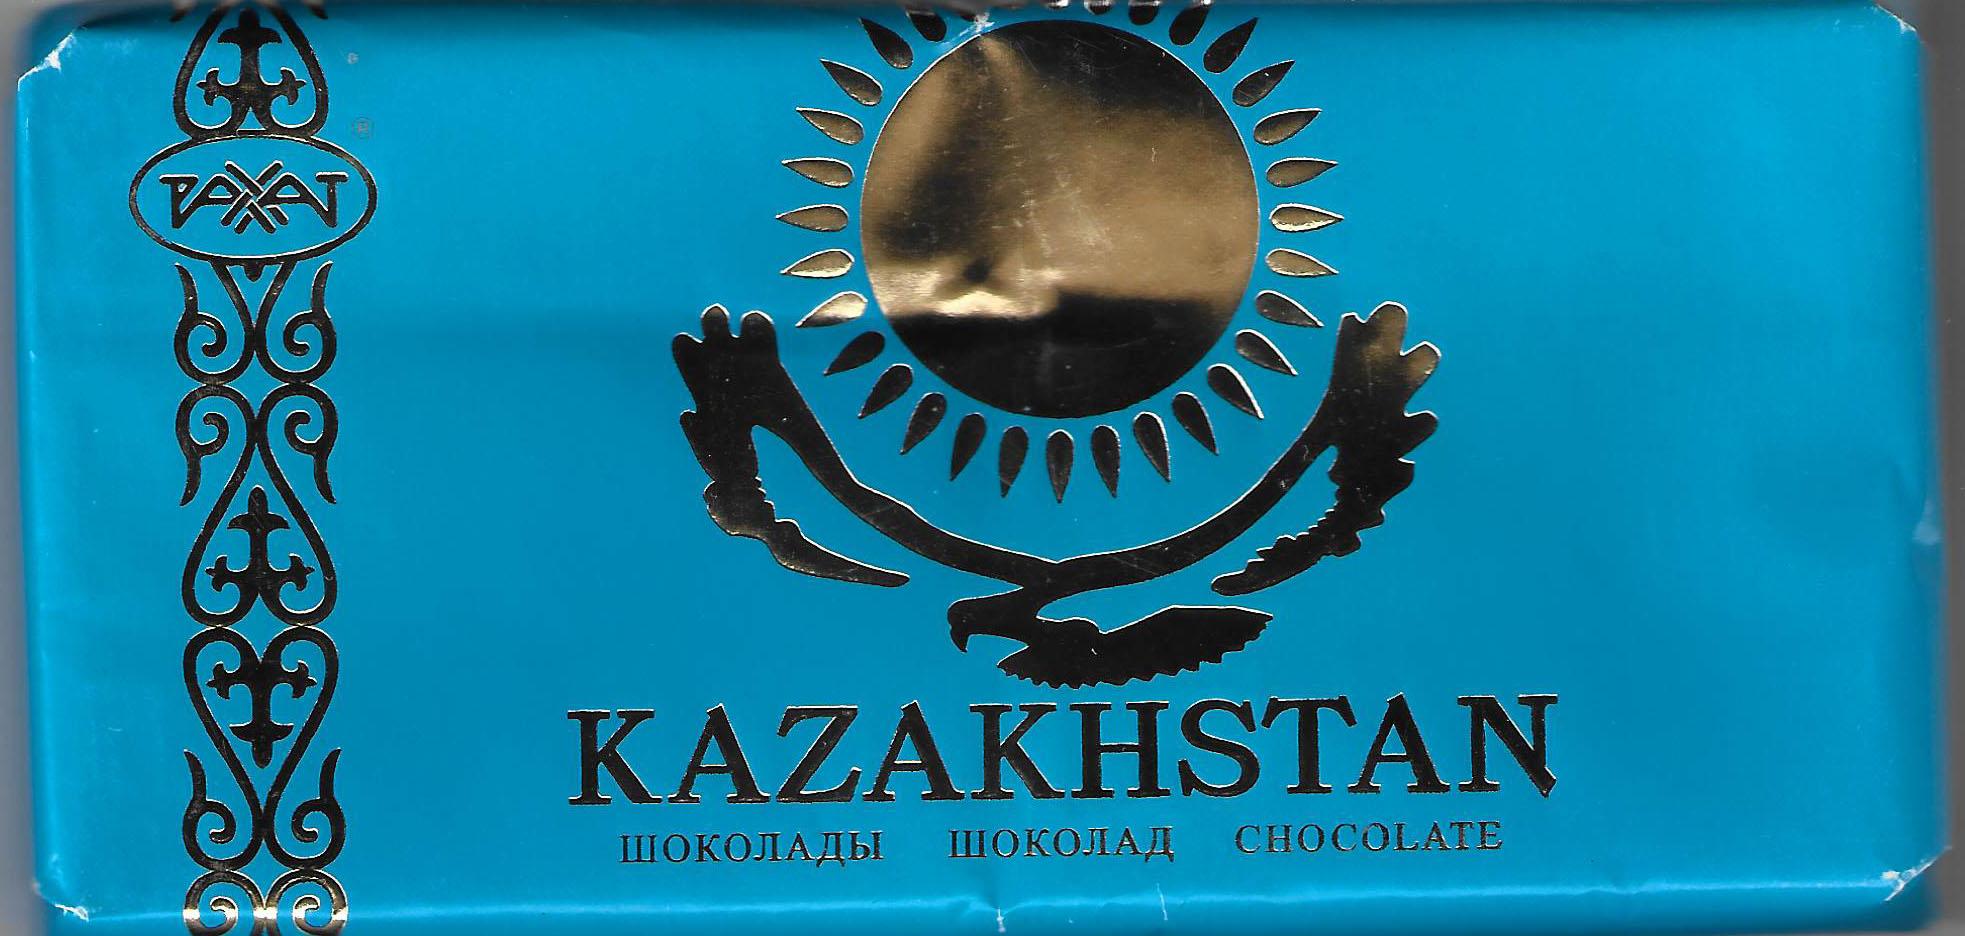 Kazakh Chocolate as a souvenir